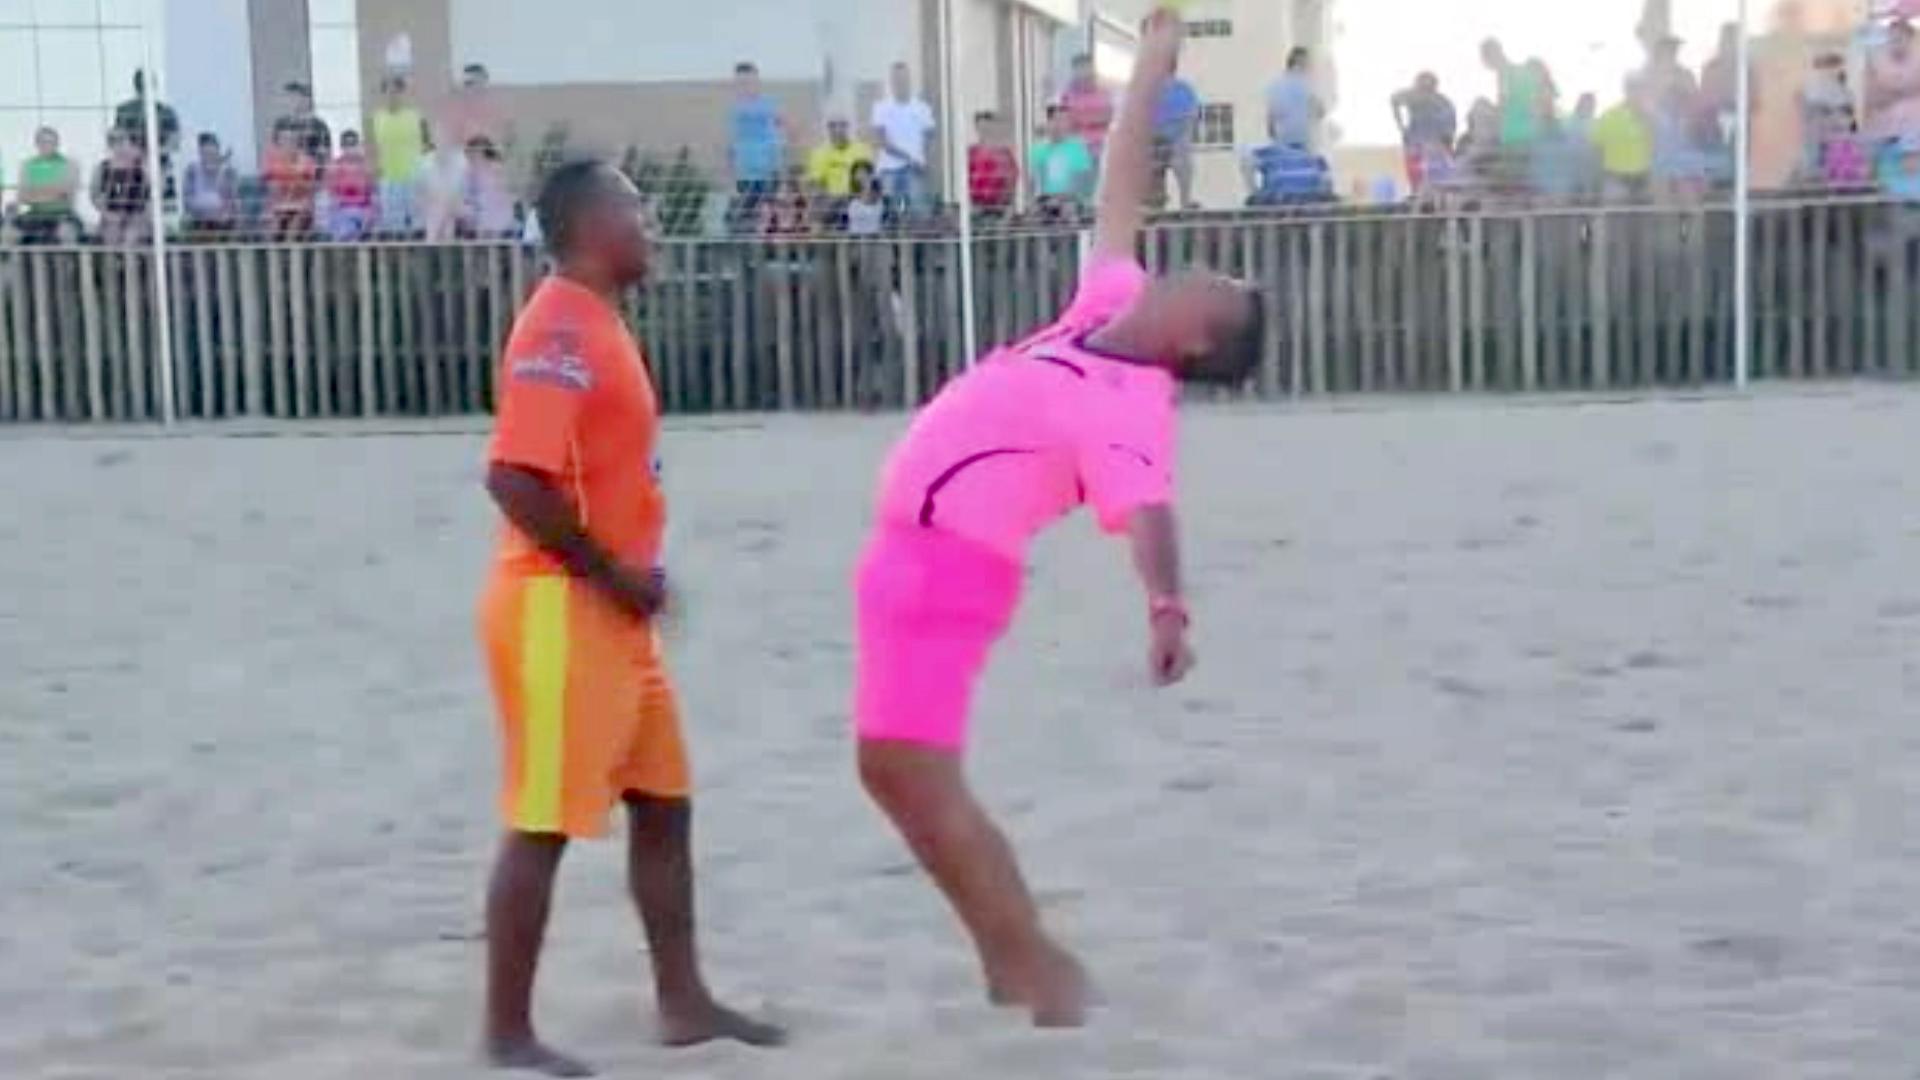 Arbitro Futbol Porno Gay arbitro gay de futbol - سایت همایون - homayun